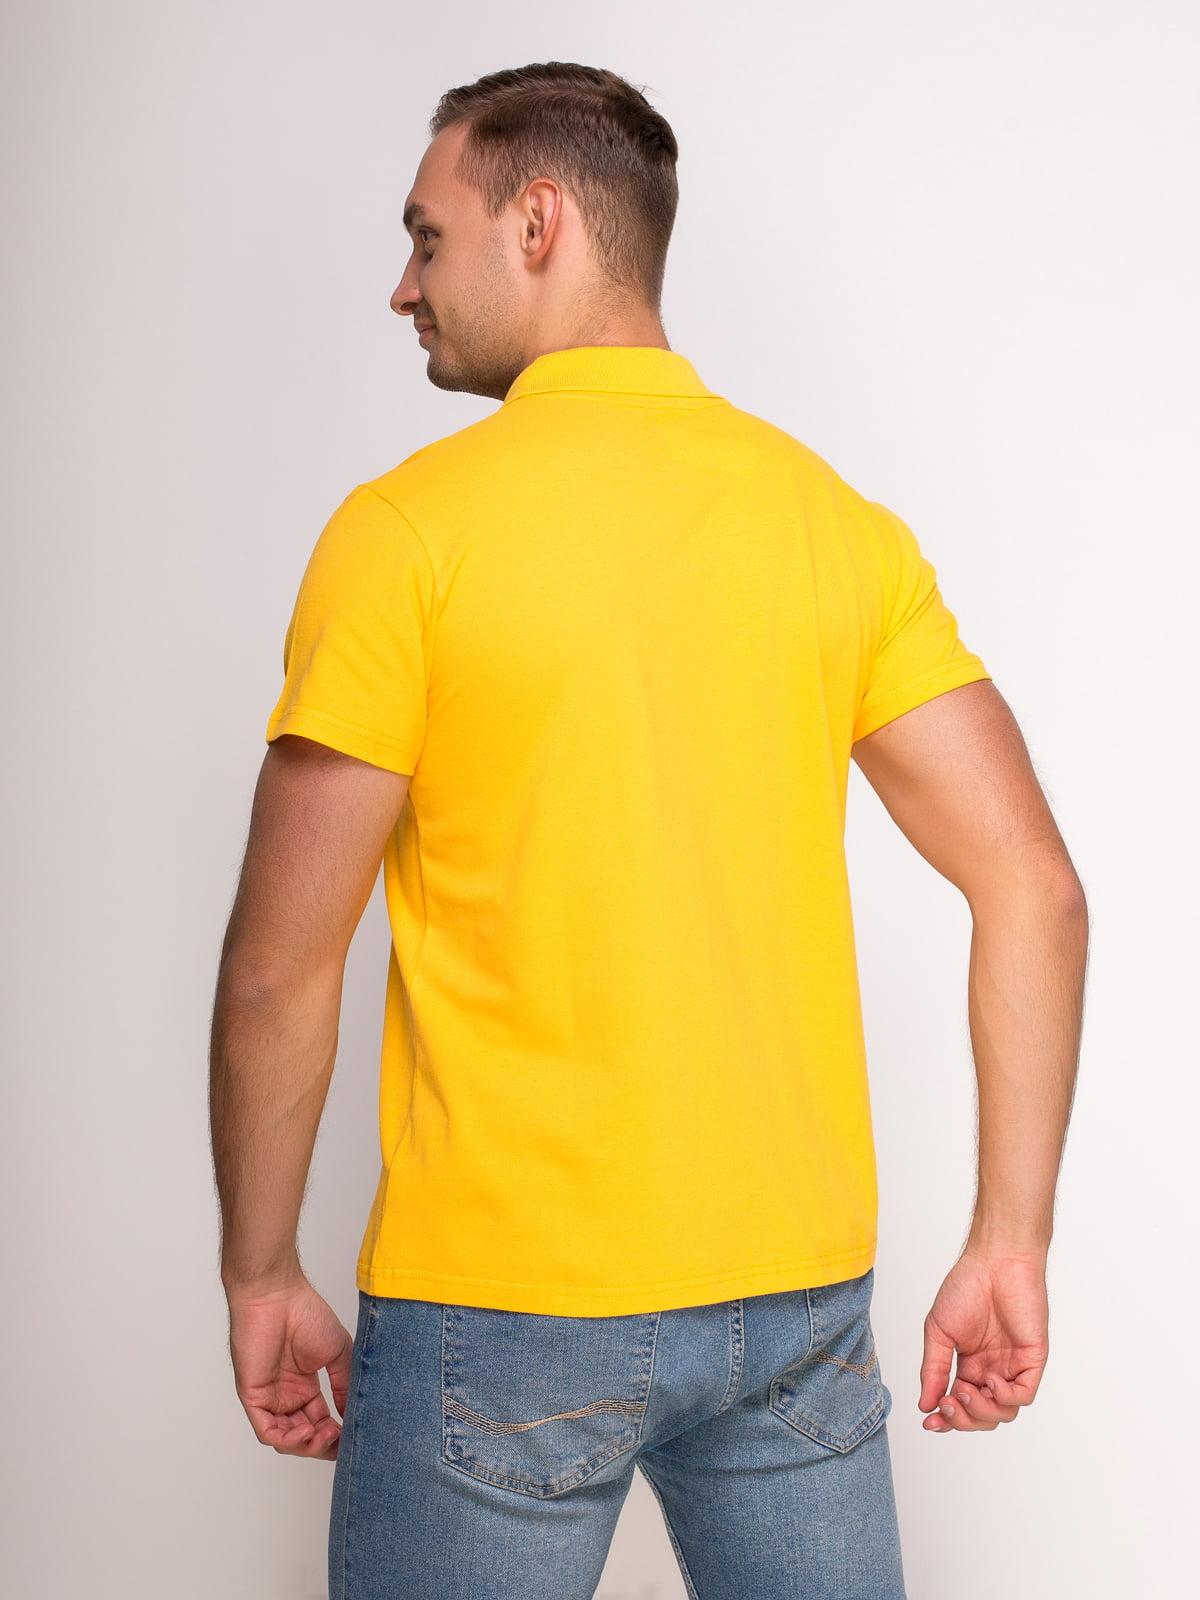 Футболка-поло желтая с принтом | 4583040 | фото 2